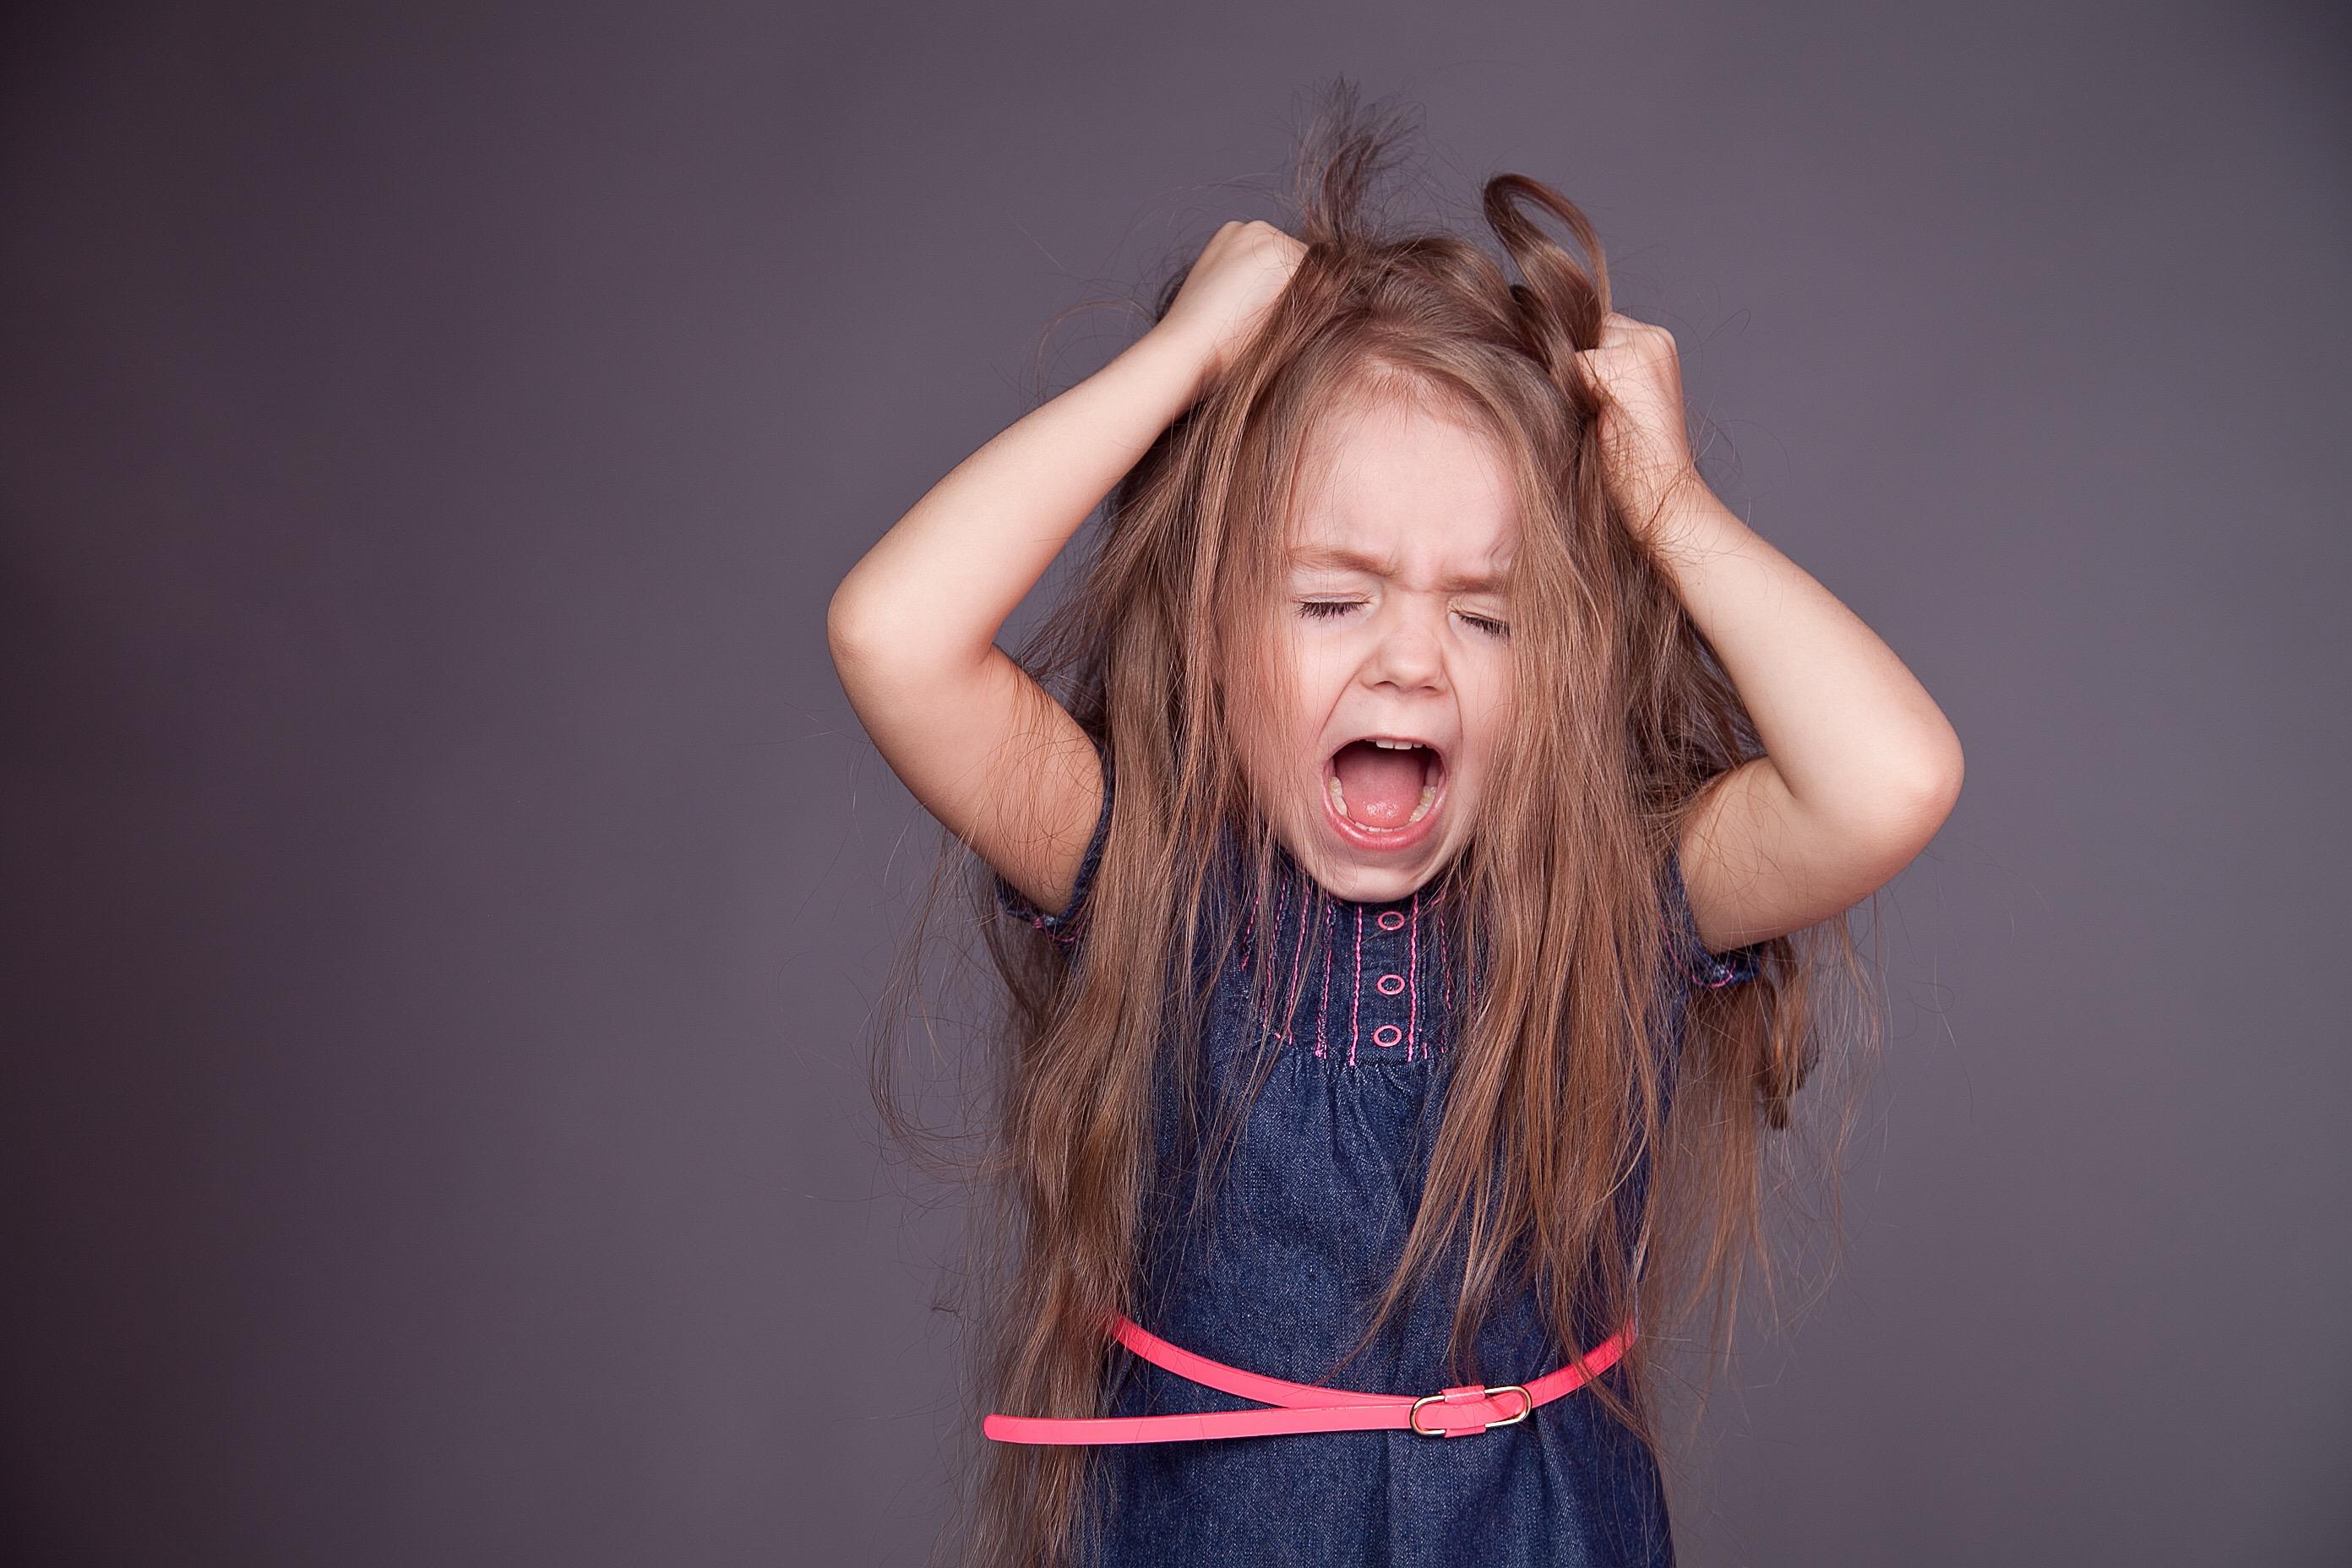 Смотреть порно кричащих девочек 18 фотография